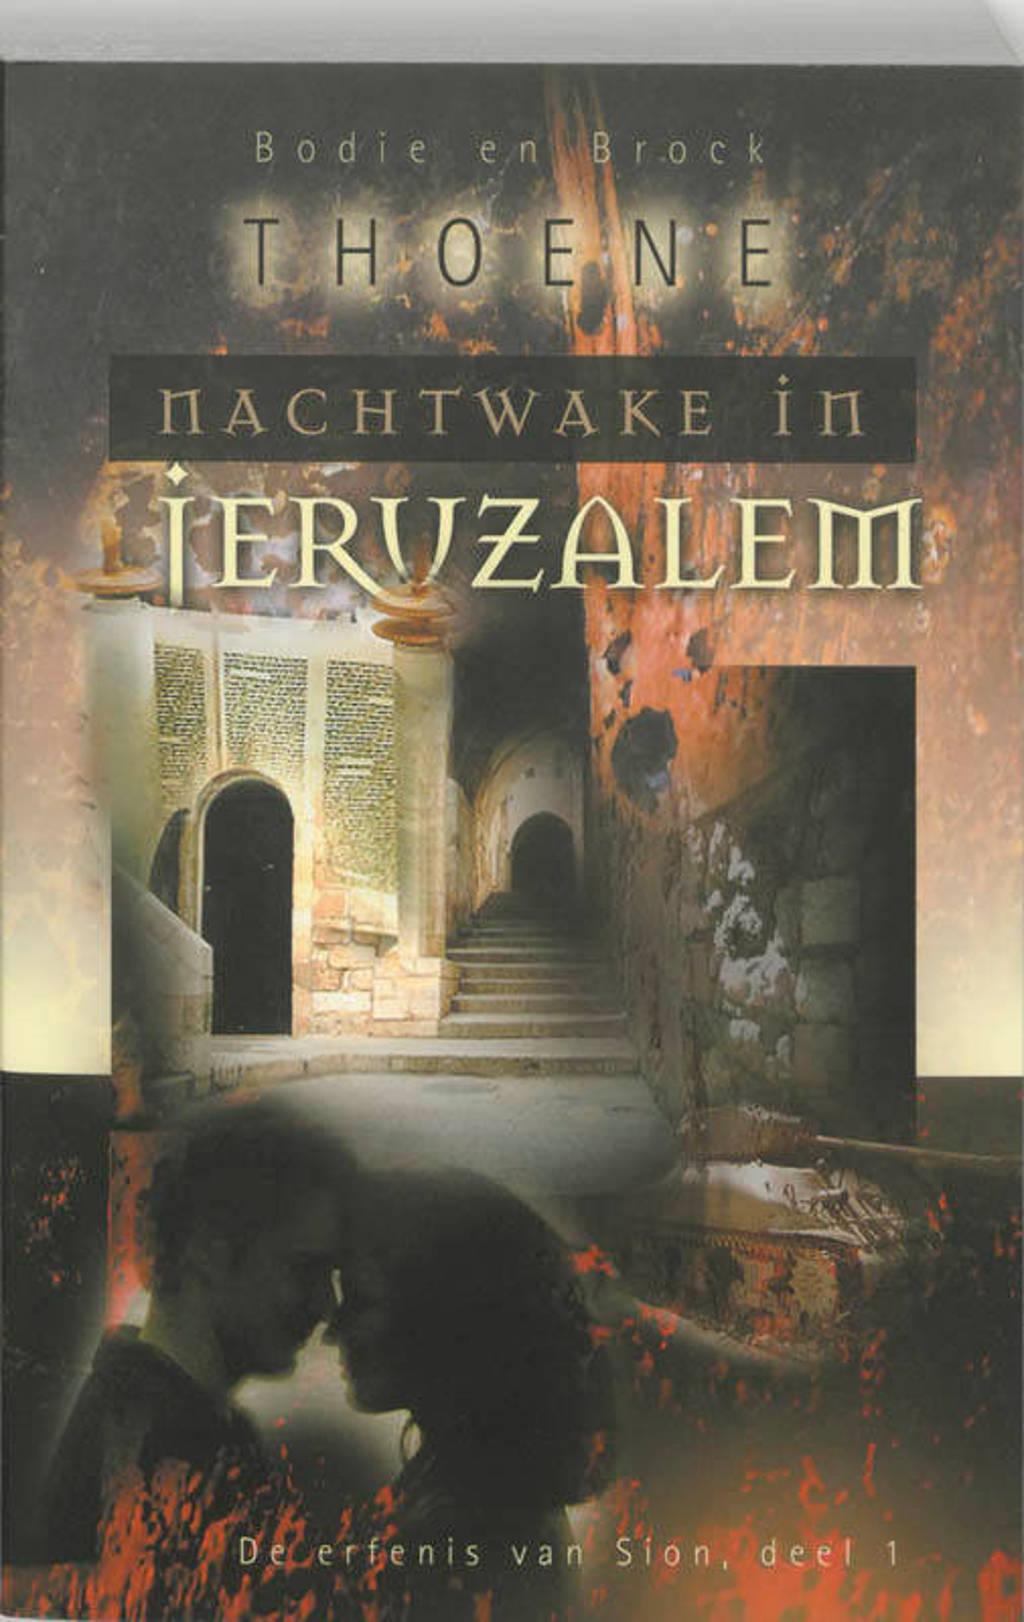 De erfenis van Sion 1 Nachtwake in Jeruzalem - B. Thoene